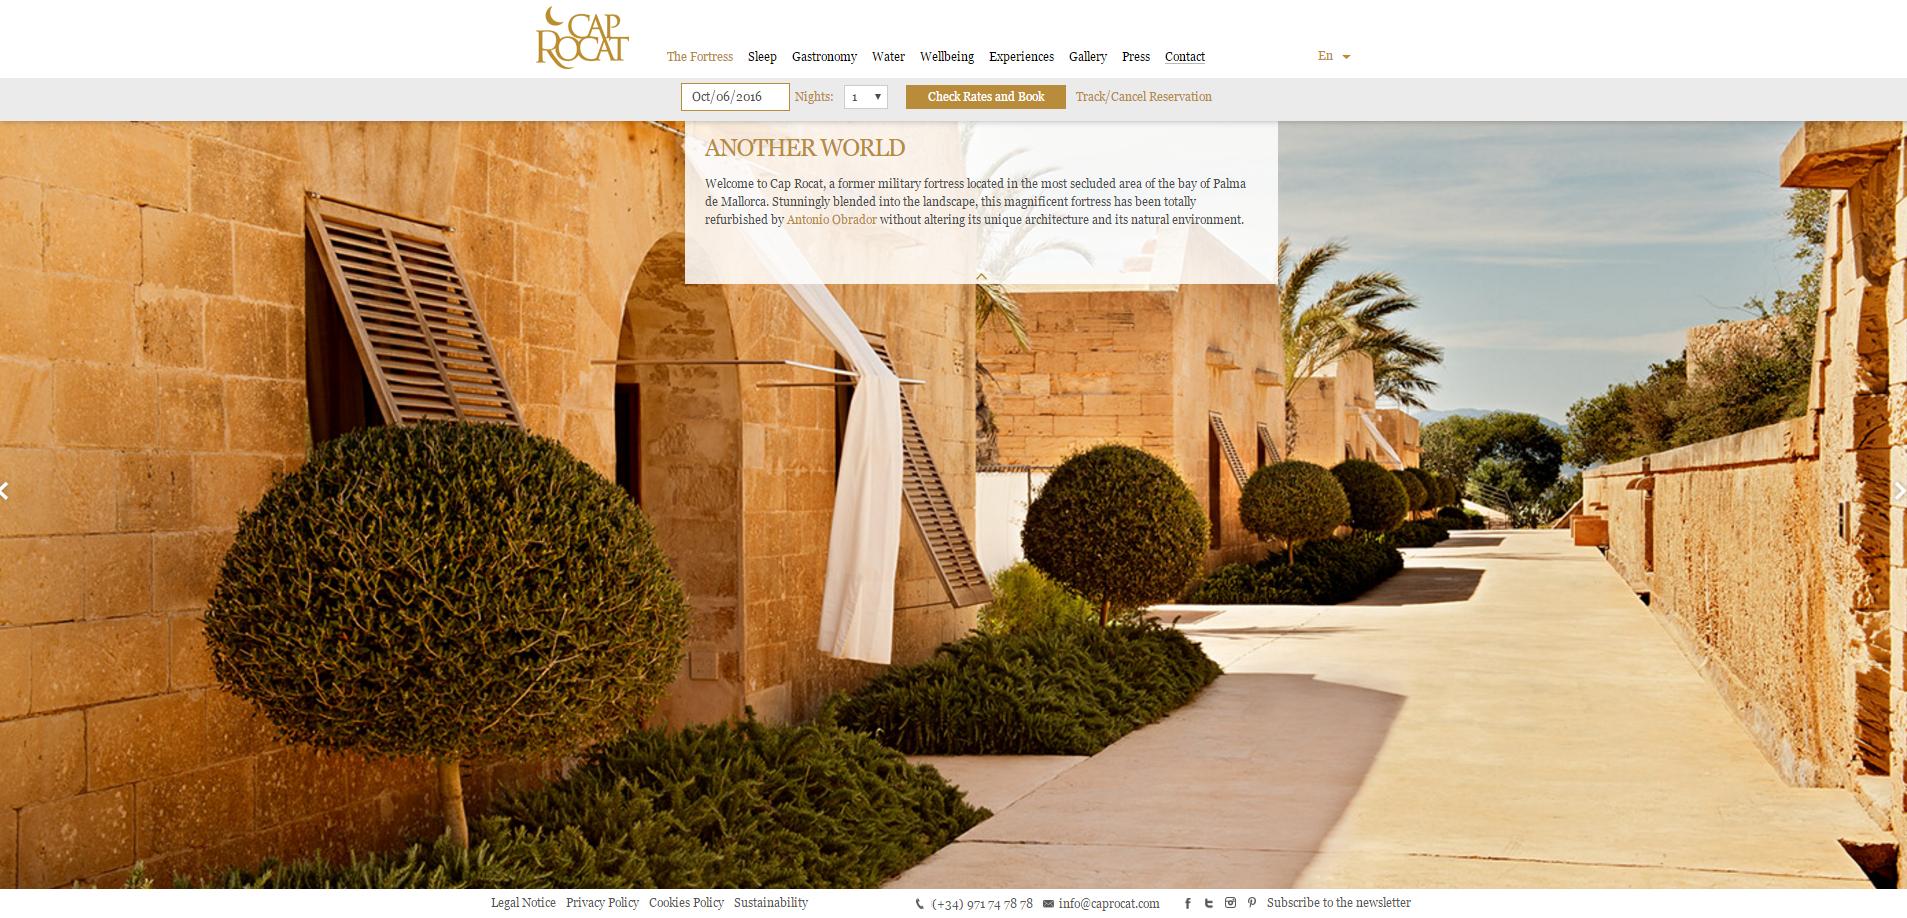 Página inicial do website do hotel Cap Rocat